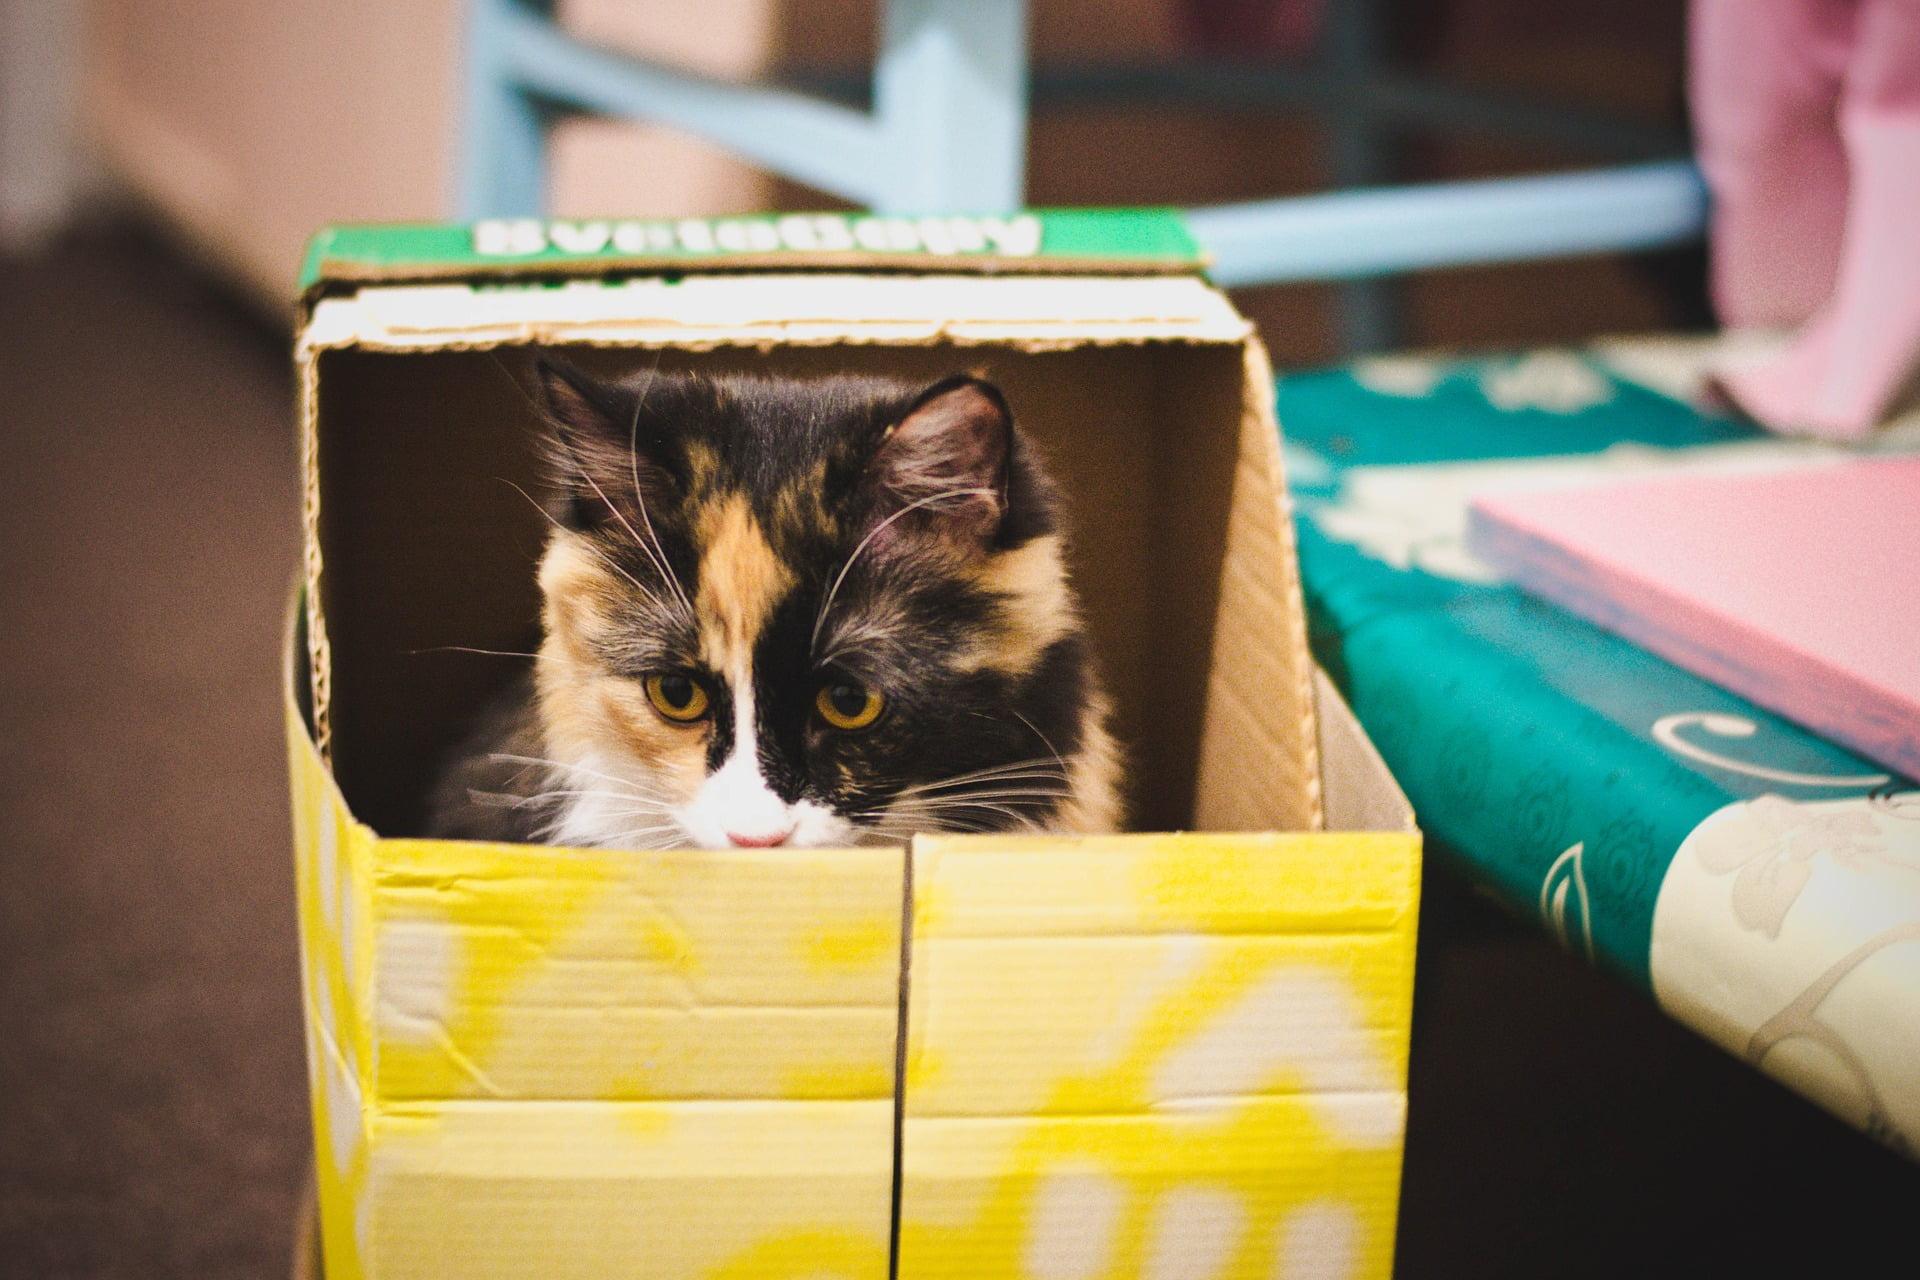 ¿Por qué a los gatos les gustan las cajas tanto?